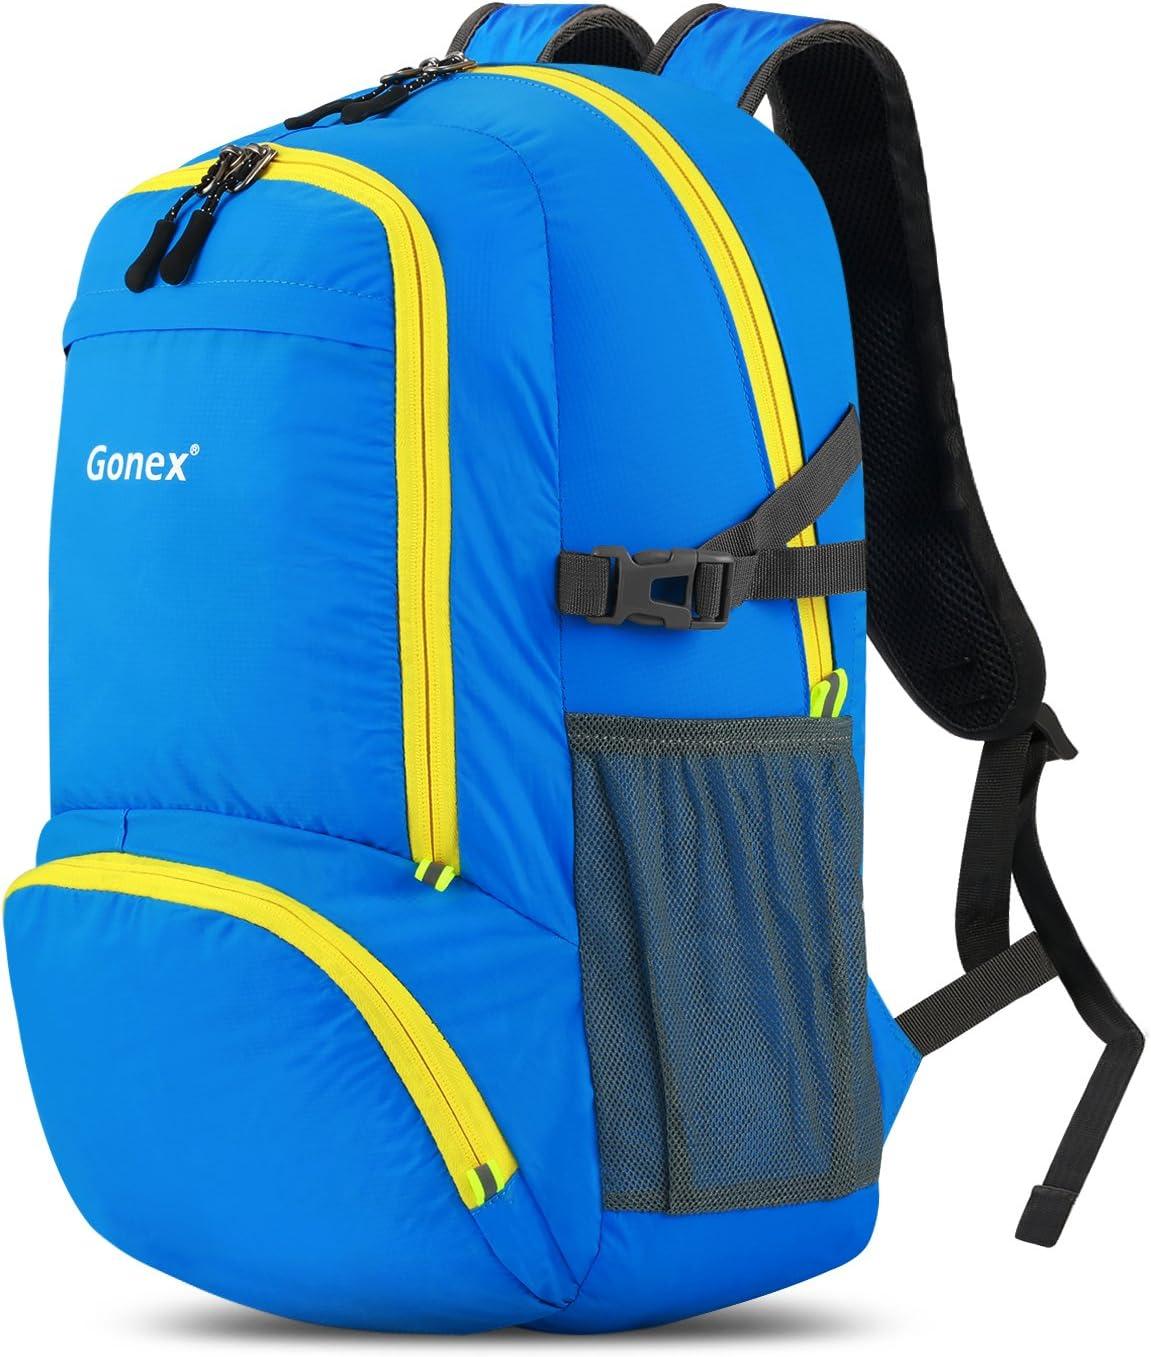 Gonex Petit Sac /à Dos 30L Pliable de Sport Ultra-L/éger Imperm/éable pour VTT V/élo Camping Randonn/ée Voyage Fitness Sac Etanche